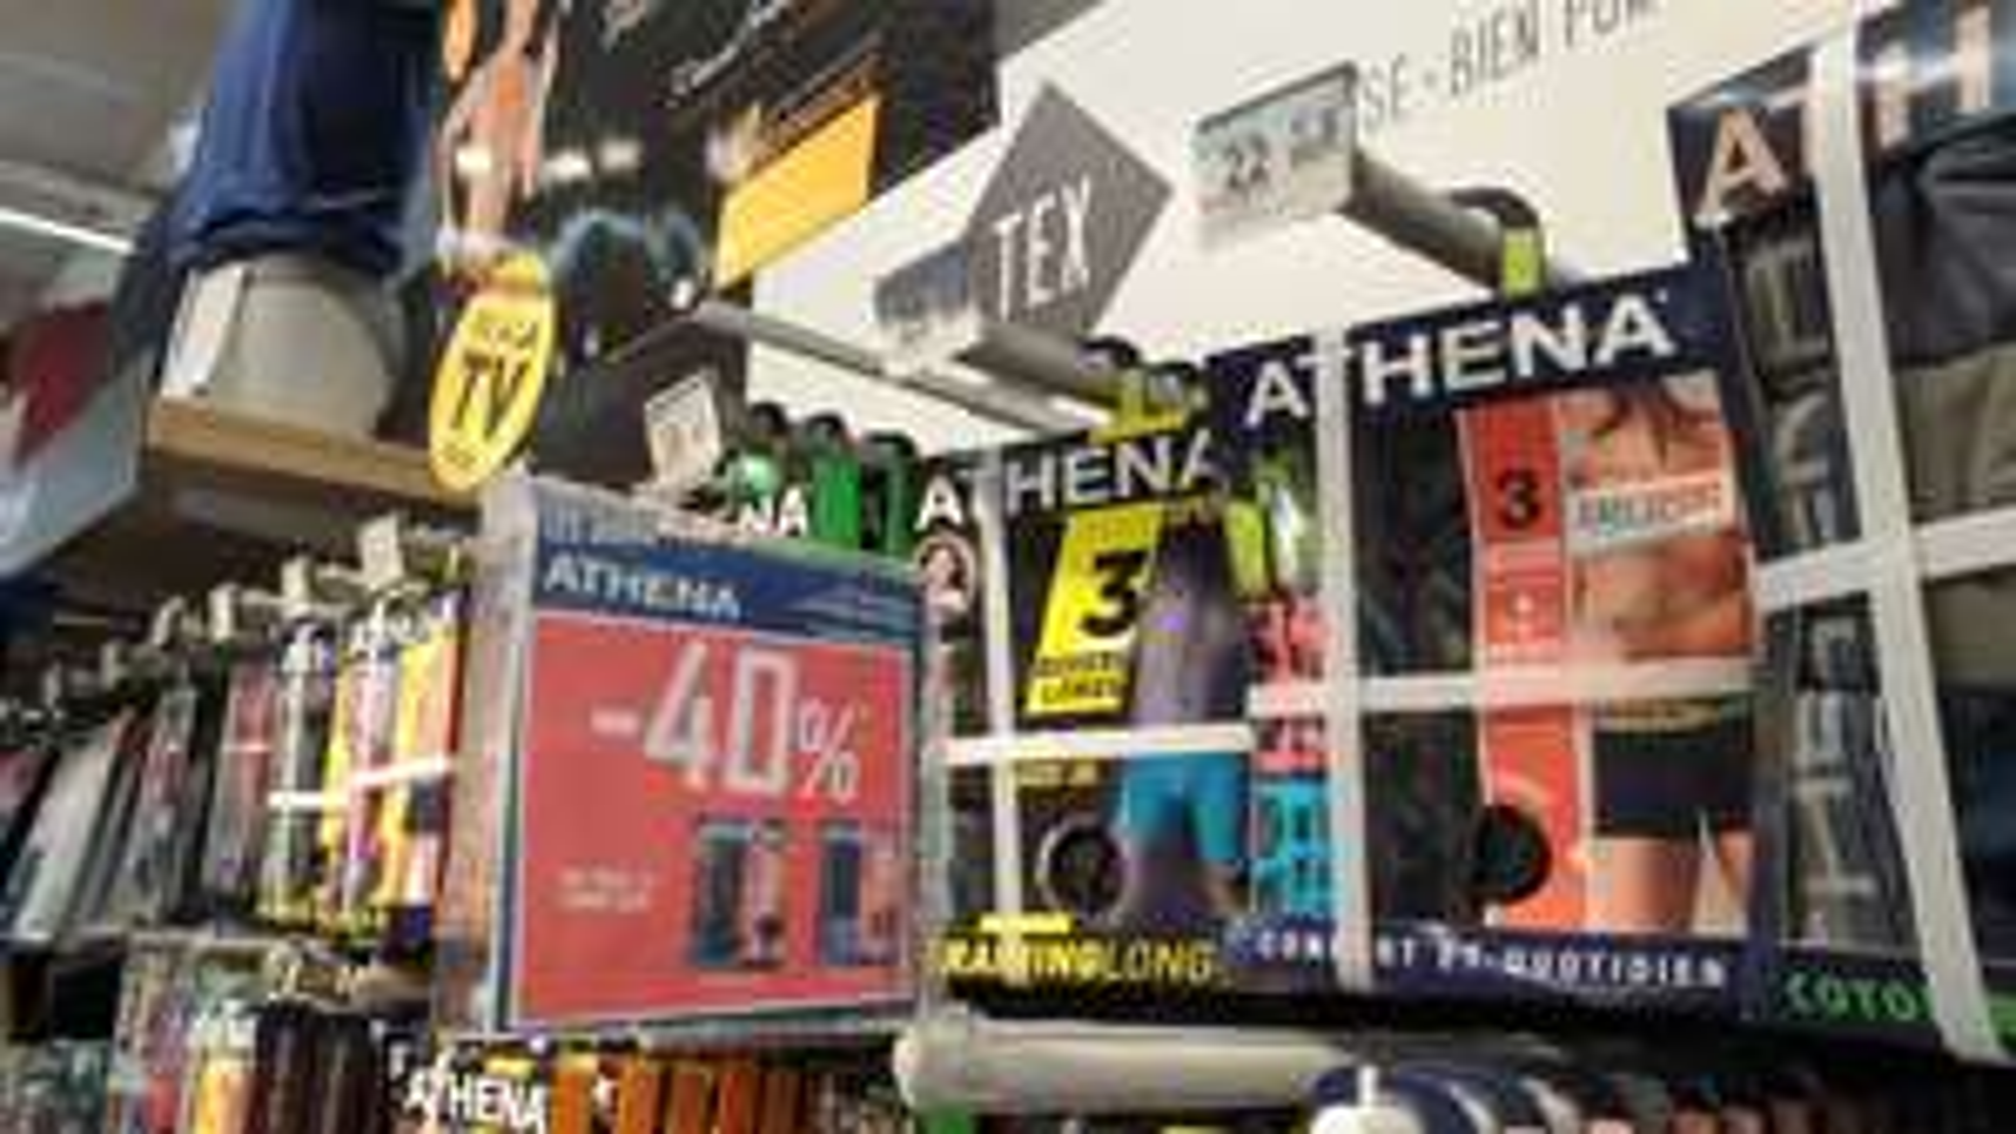 Lot de 3 boxers athena (+10€ en bon d'achat) - Carrefour Creteil (94)